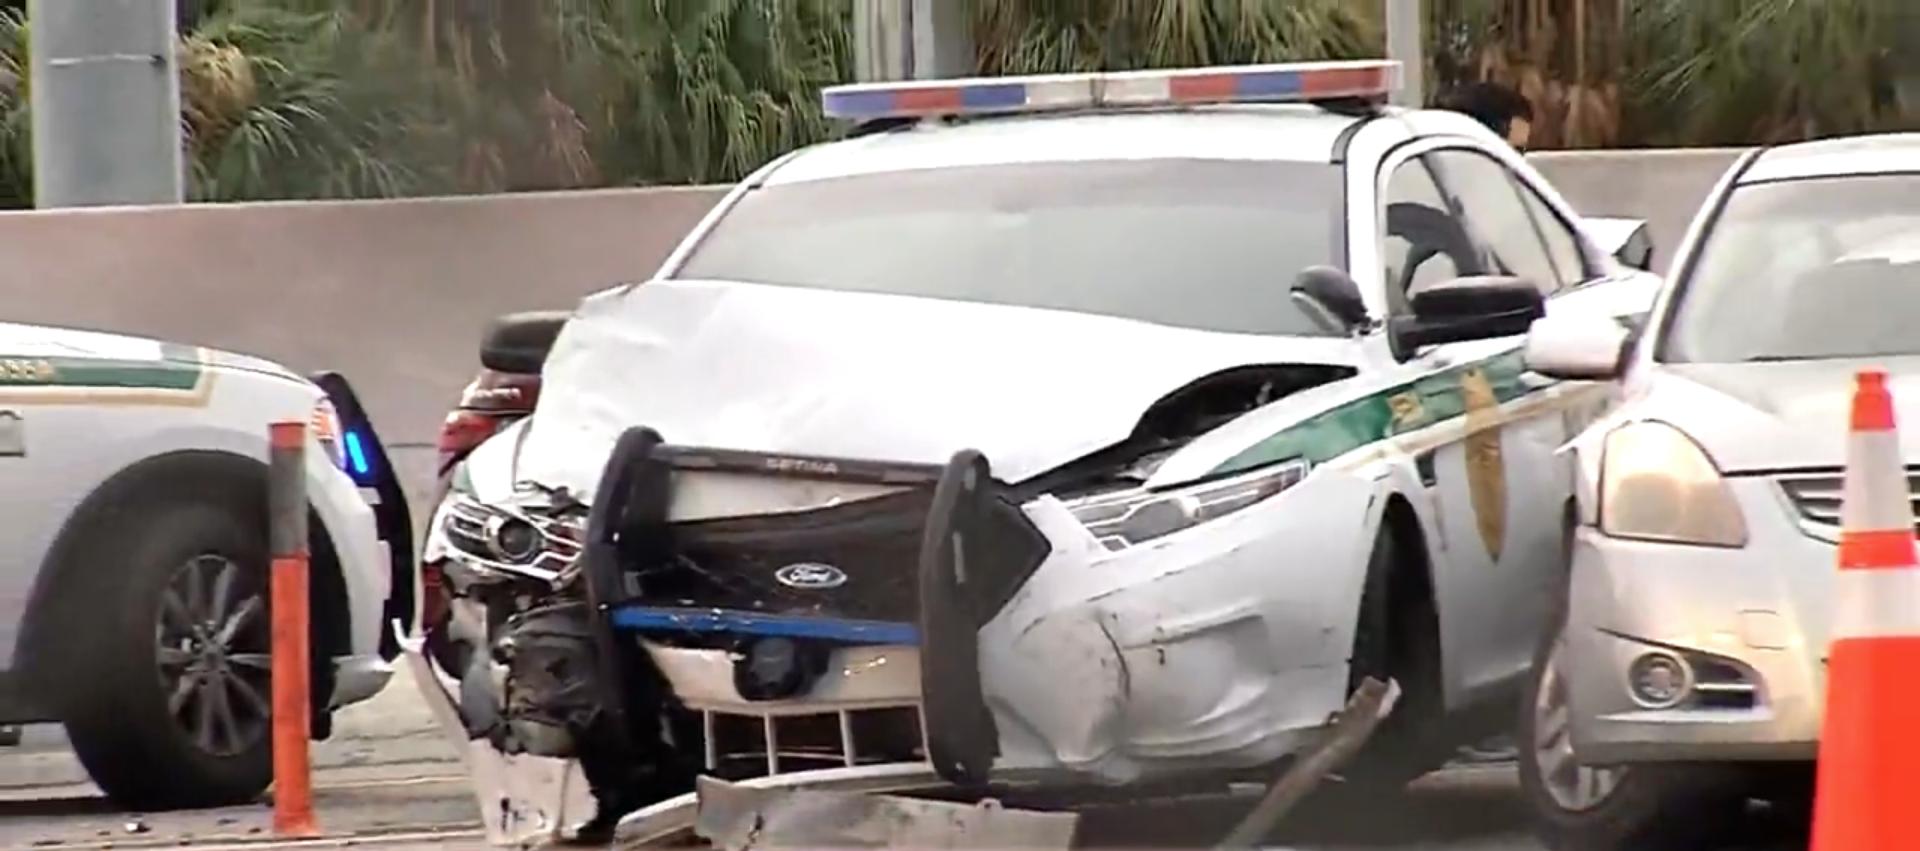 policia de miami-dade involucrado en accidente de 4 vehiculos en el autopista palmetto